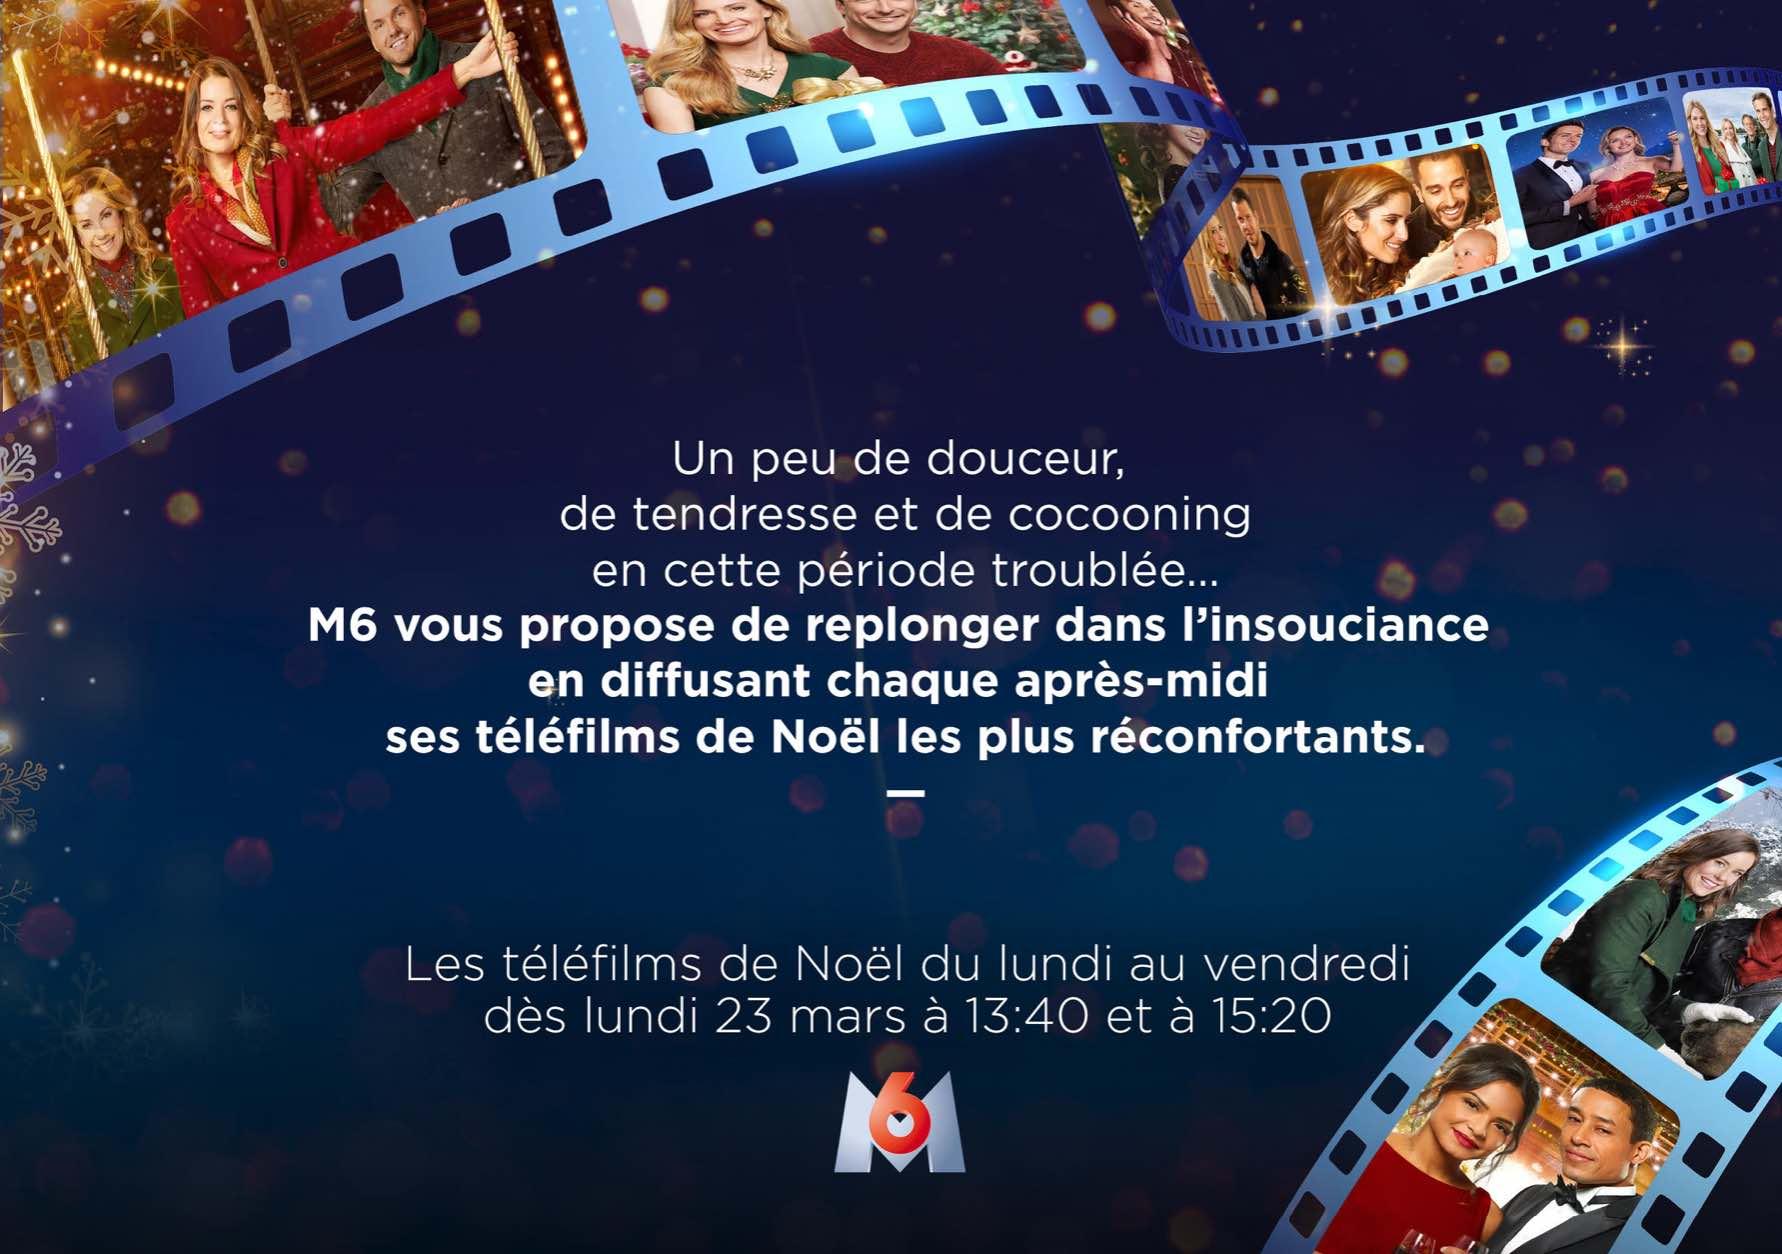 M6 - téléfilms Noël - confinement - coronavirus